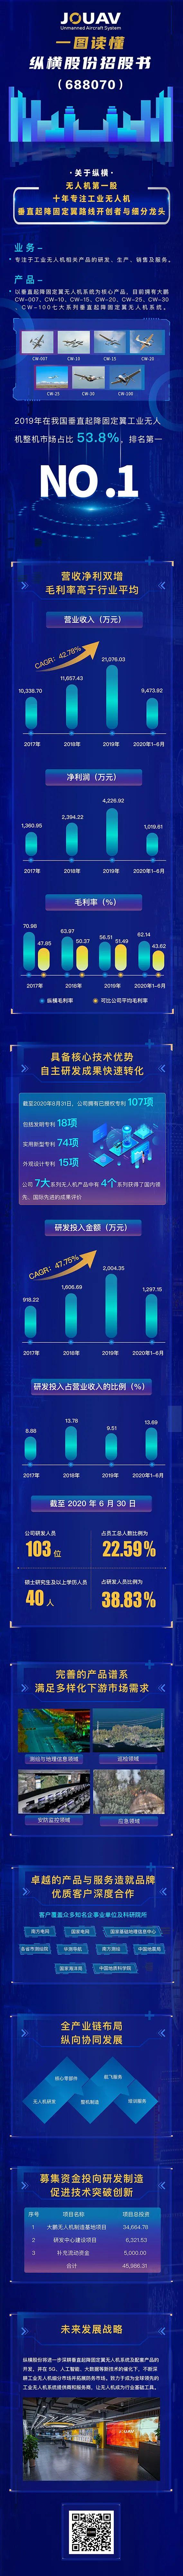 新股申购纵览:一图读懂纵横股份(688070)招股书